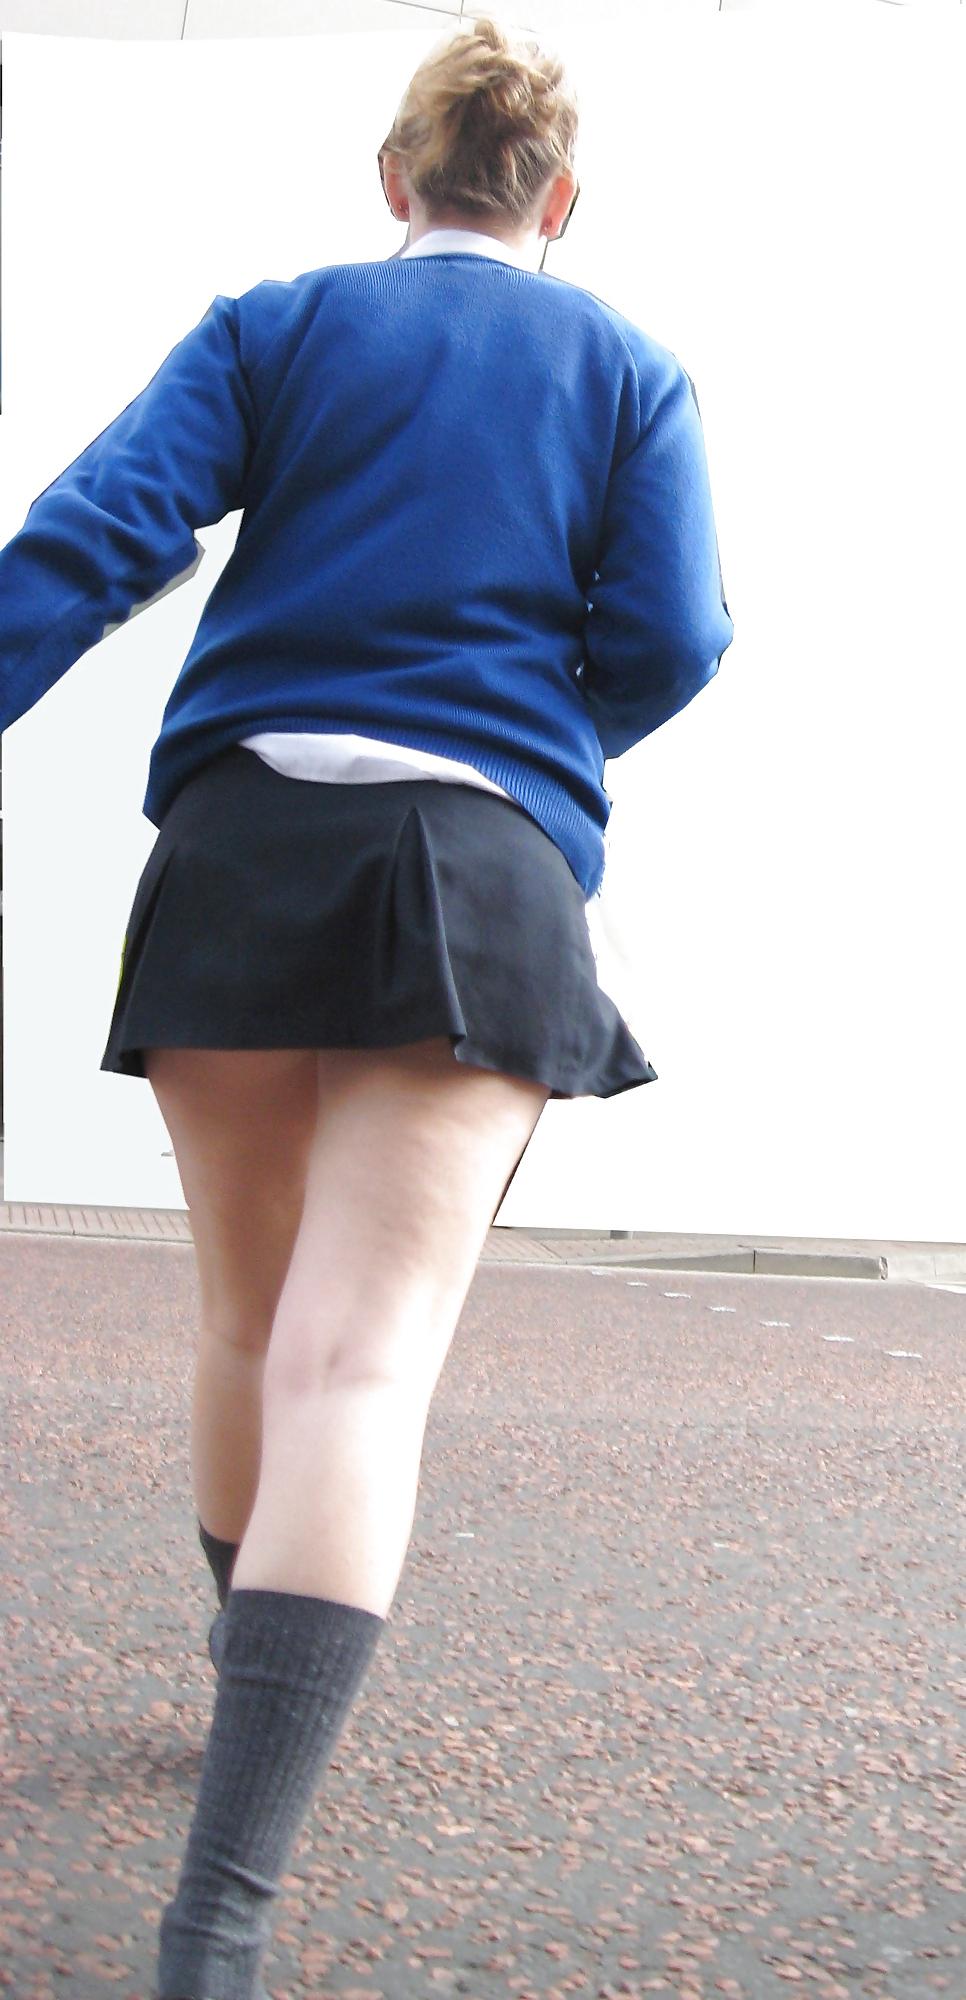 Mira lo ke esconde mi esposa entre las piernas - 2 part 5